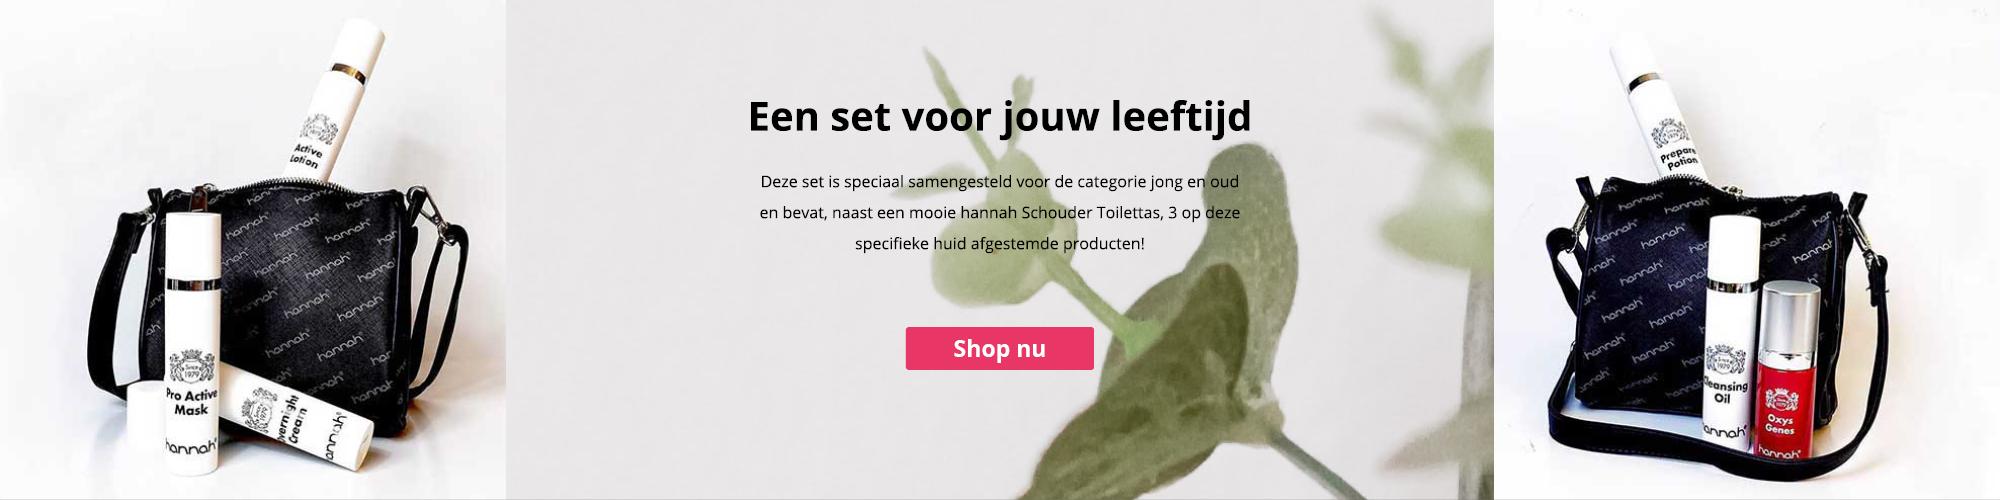 hannah producten kopen en bestellen doe bij hethannahhuis.nl banner 1